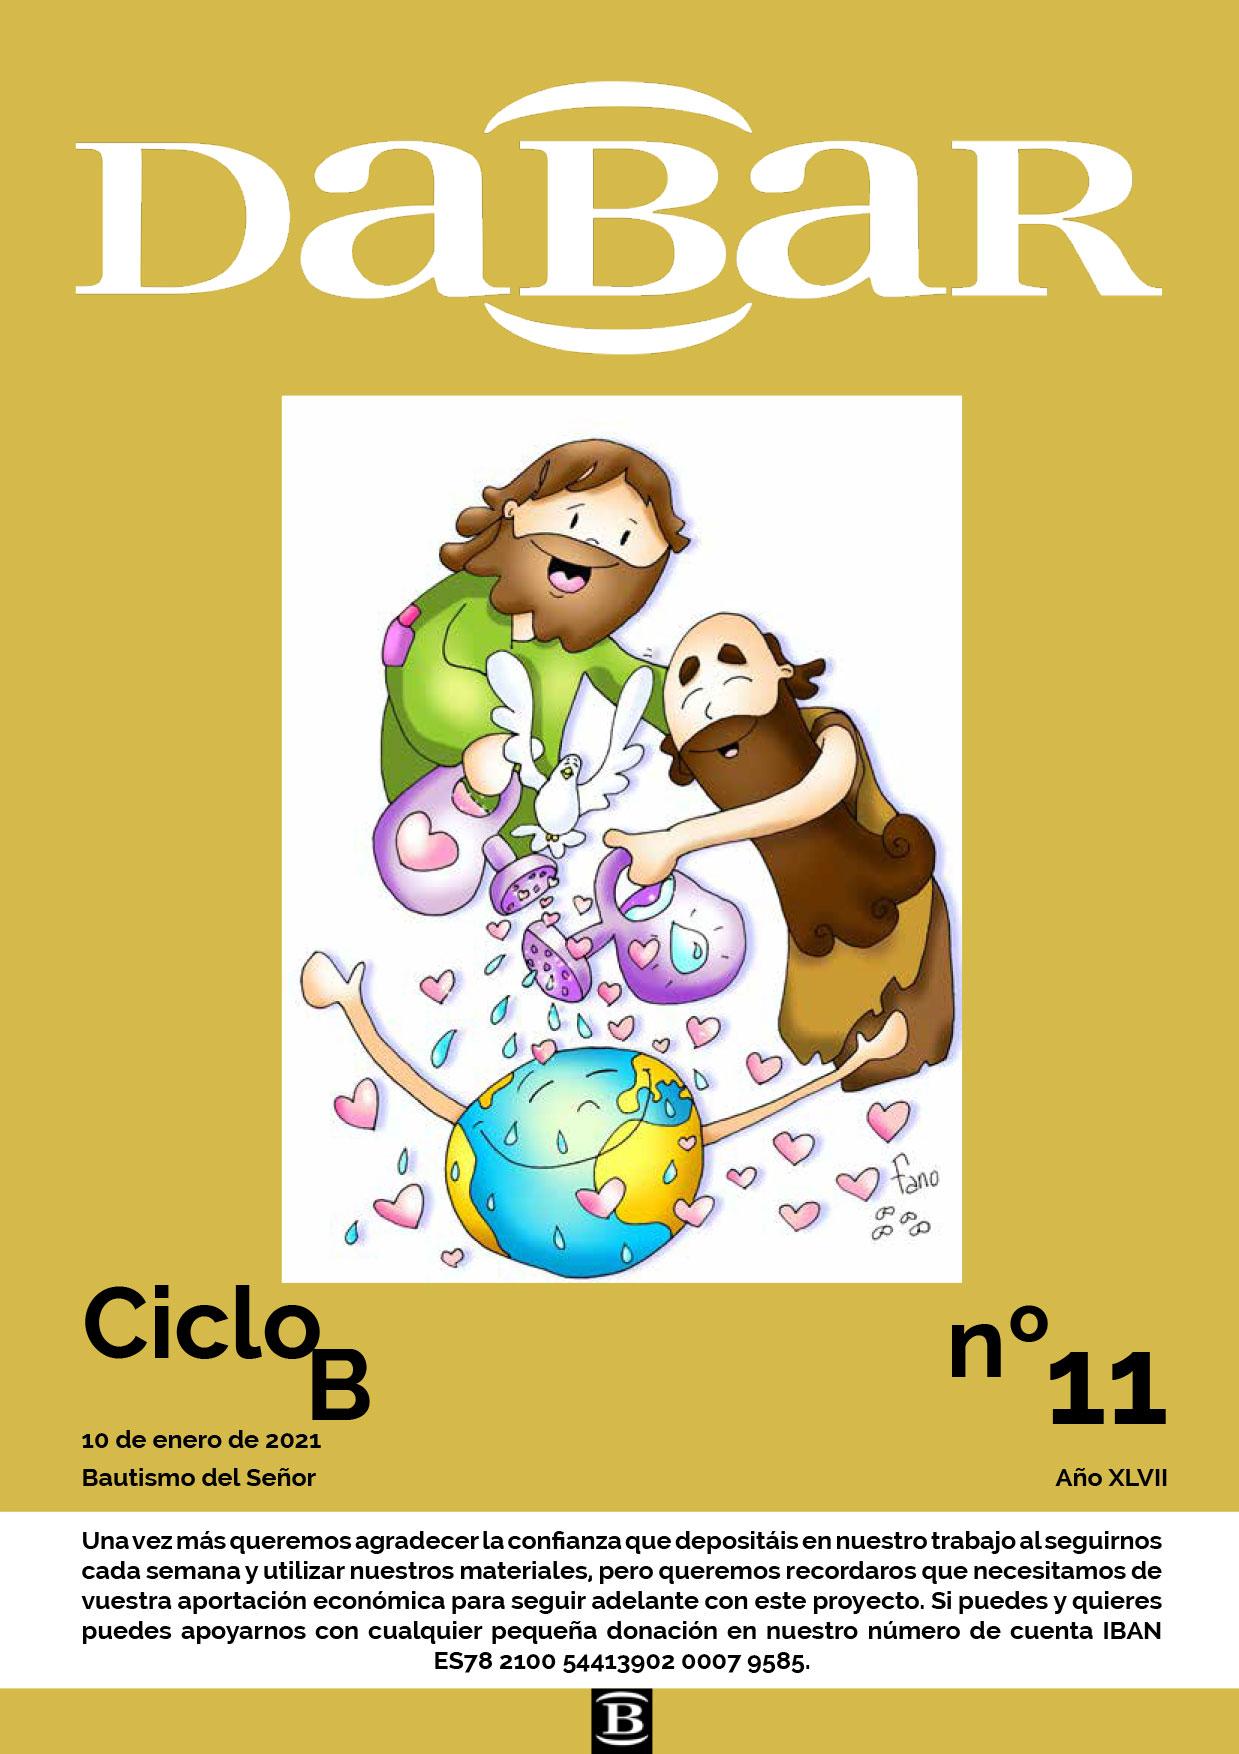 Dabar revista 11 ciclo B